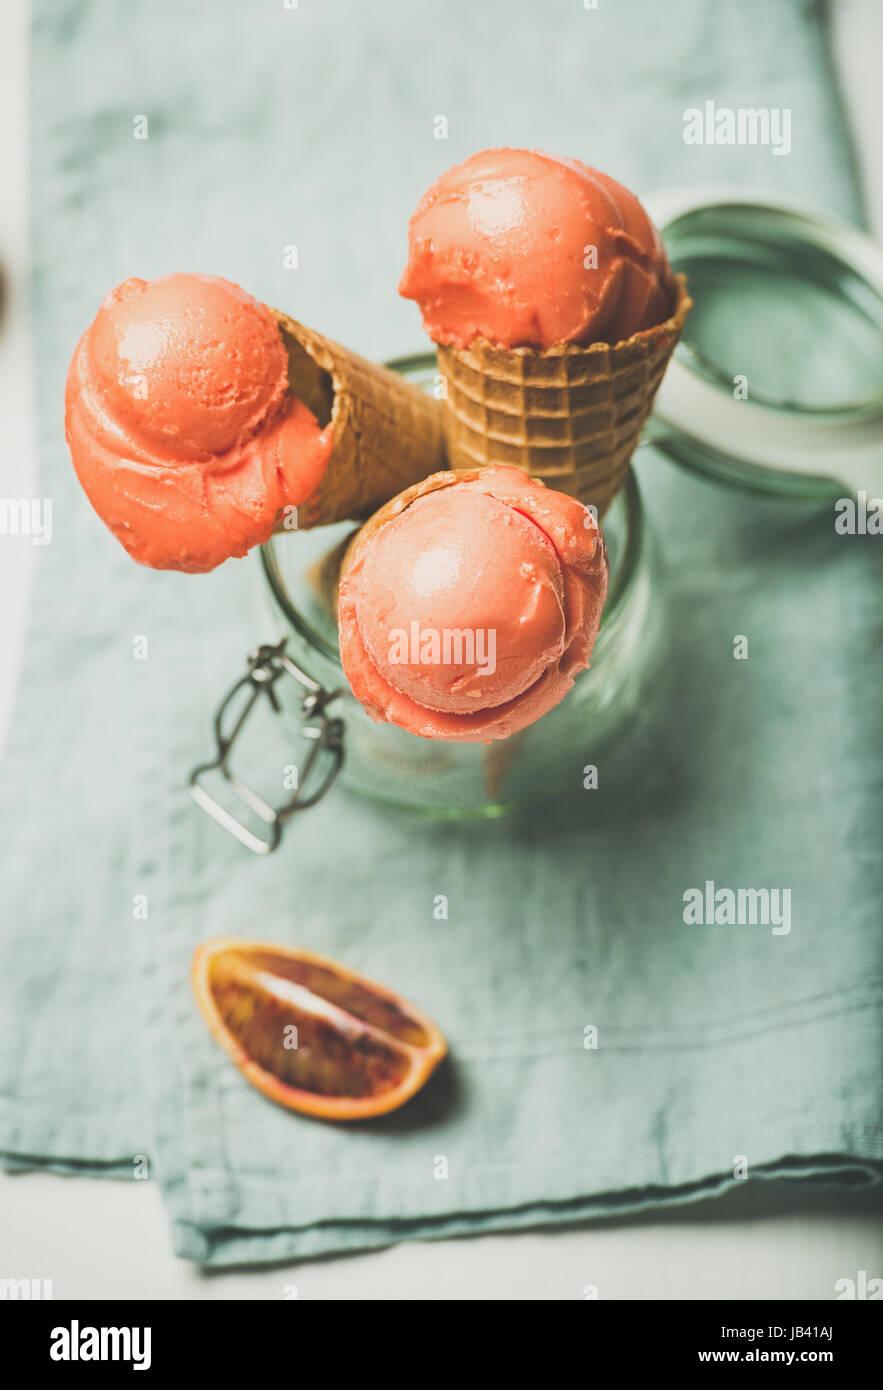 Estivo rinfrescante Arancio sanguigno gelato o sorbetti Immagini Stock